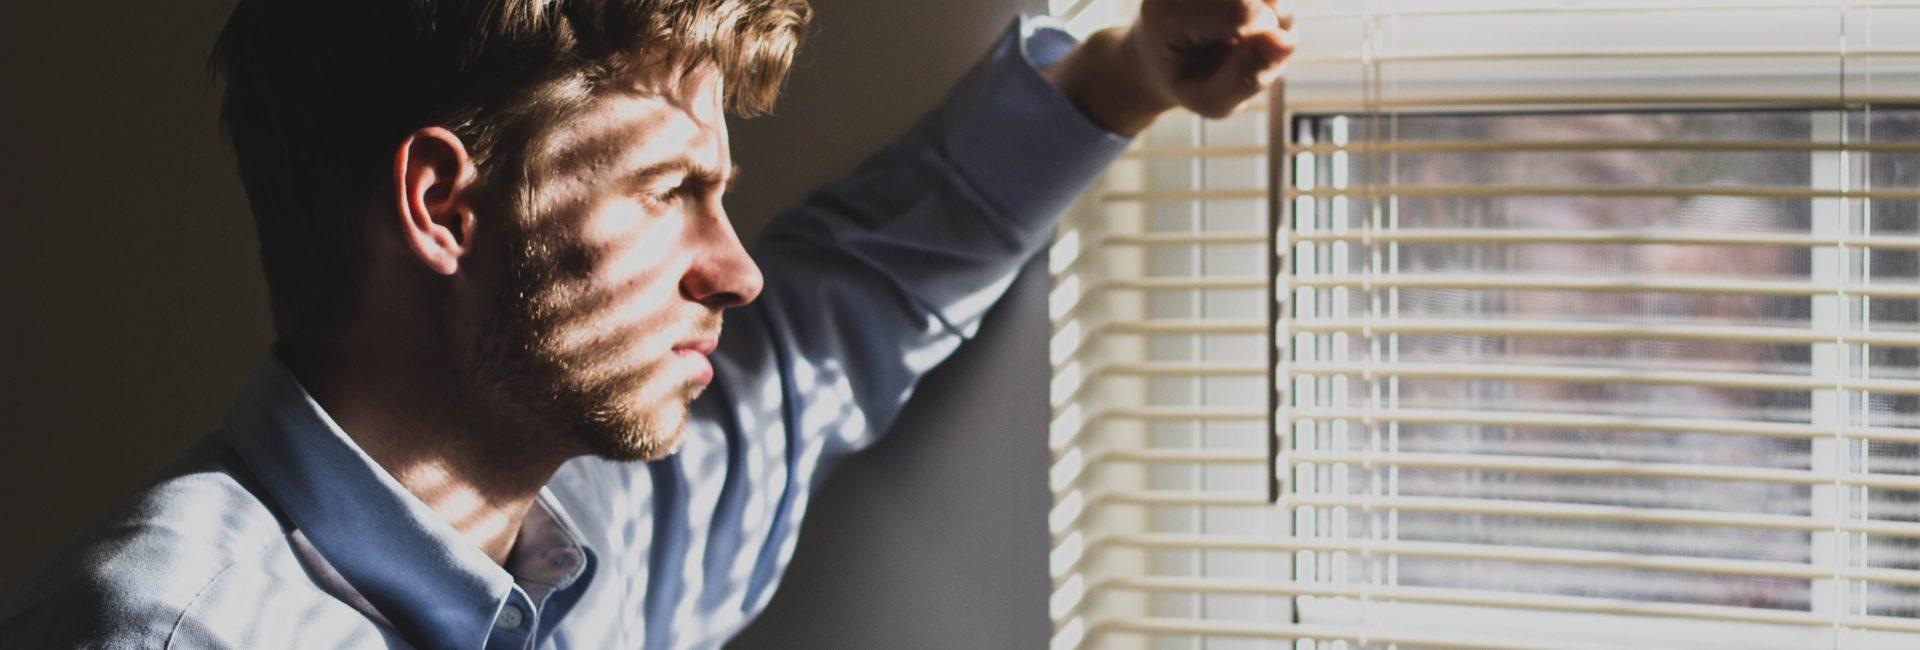 akupunktur ved mannlig fertilitet